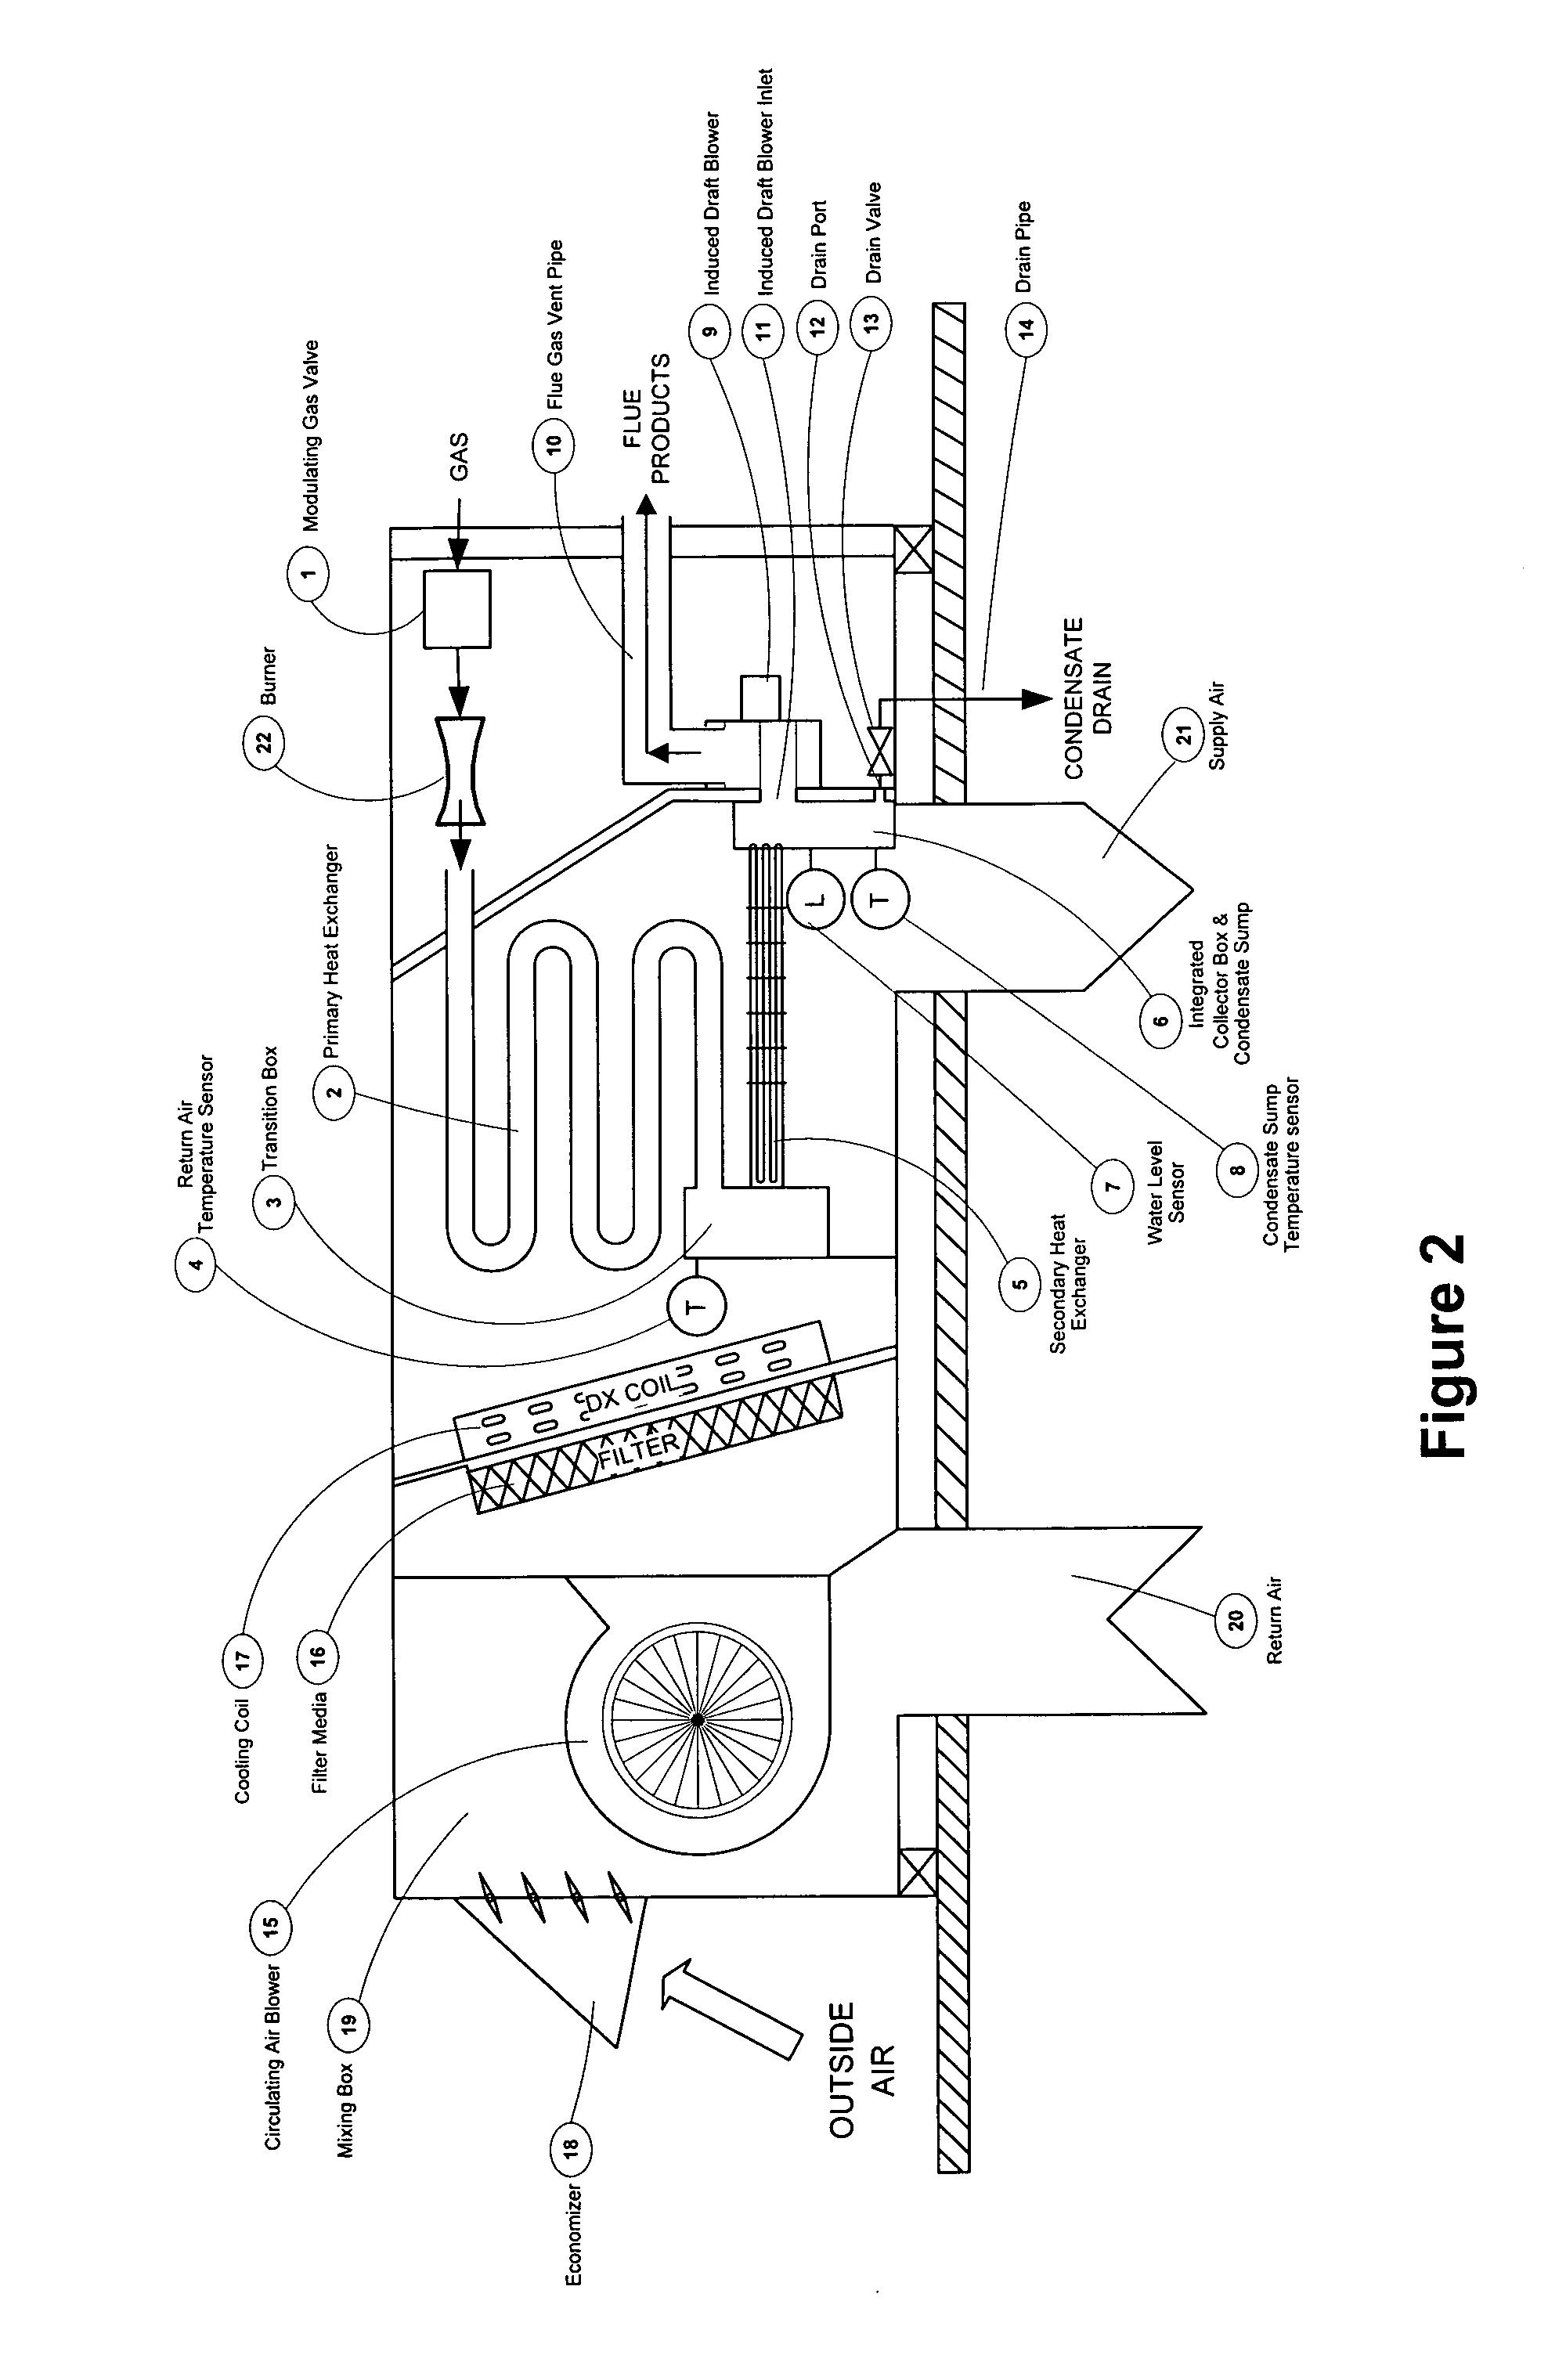 patent us20130108971